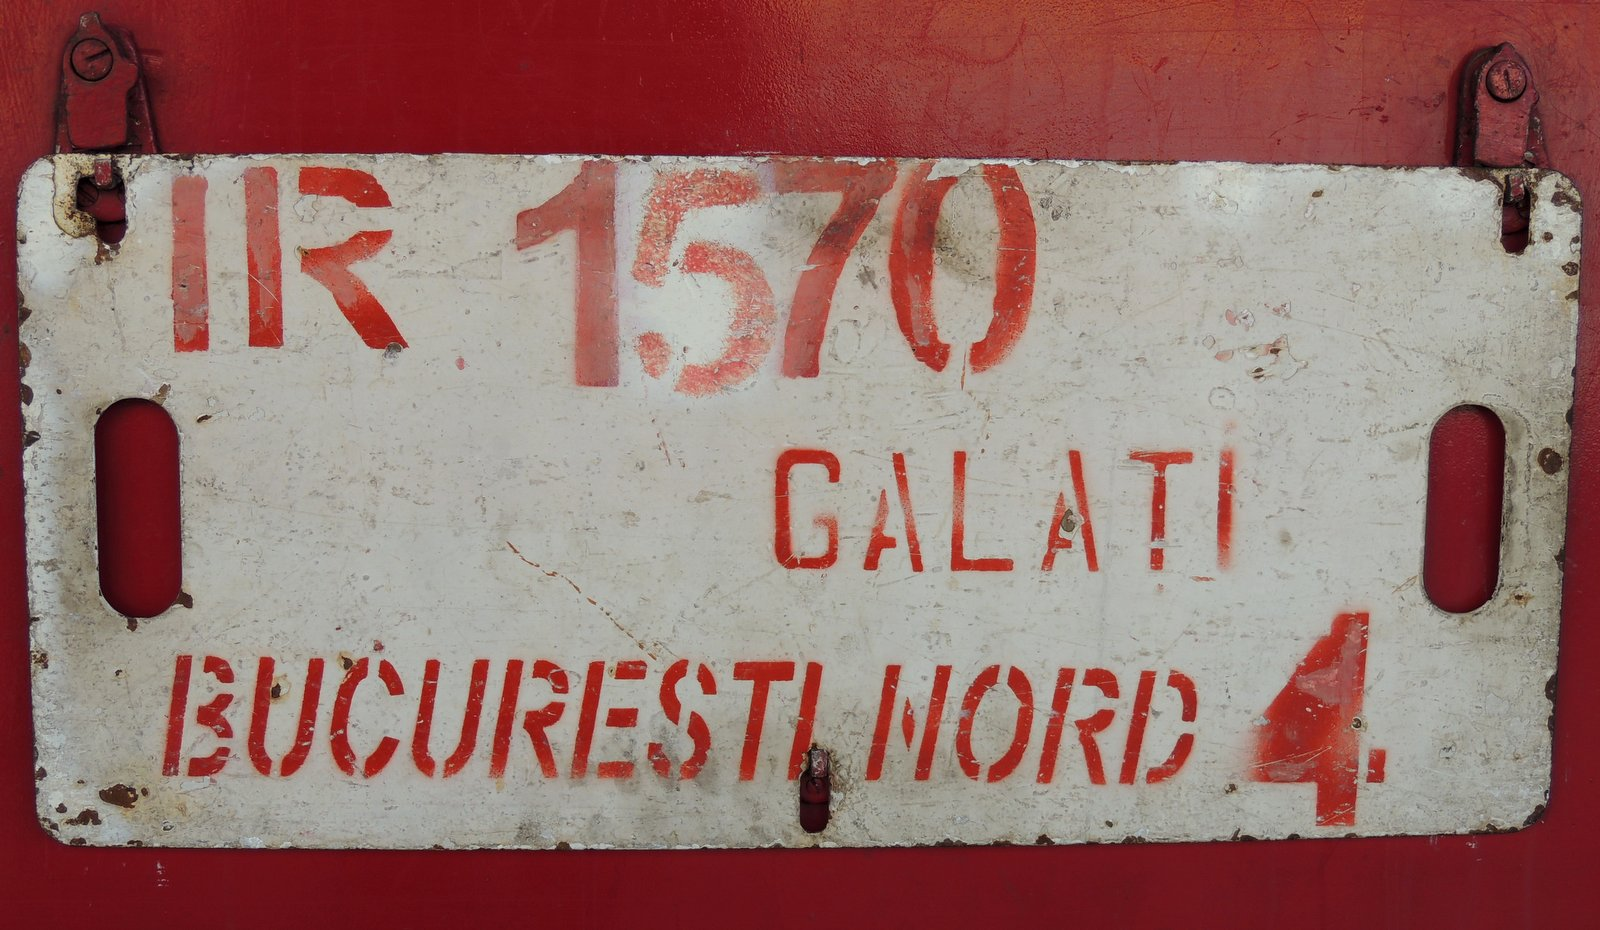 IR 1570 Galati - Bucuresti Nord